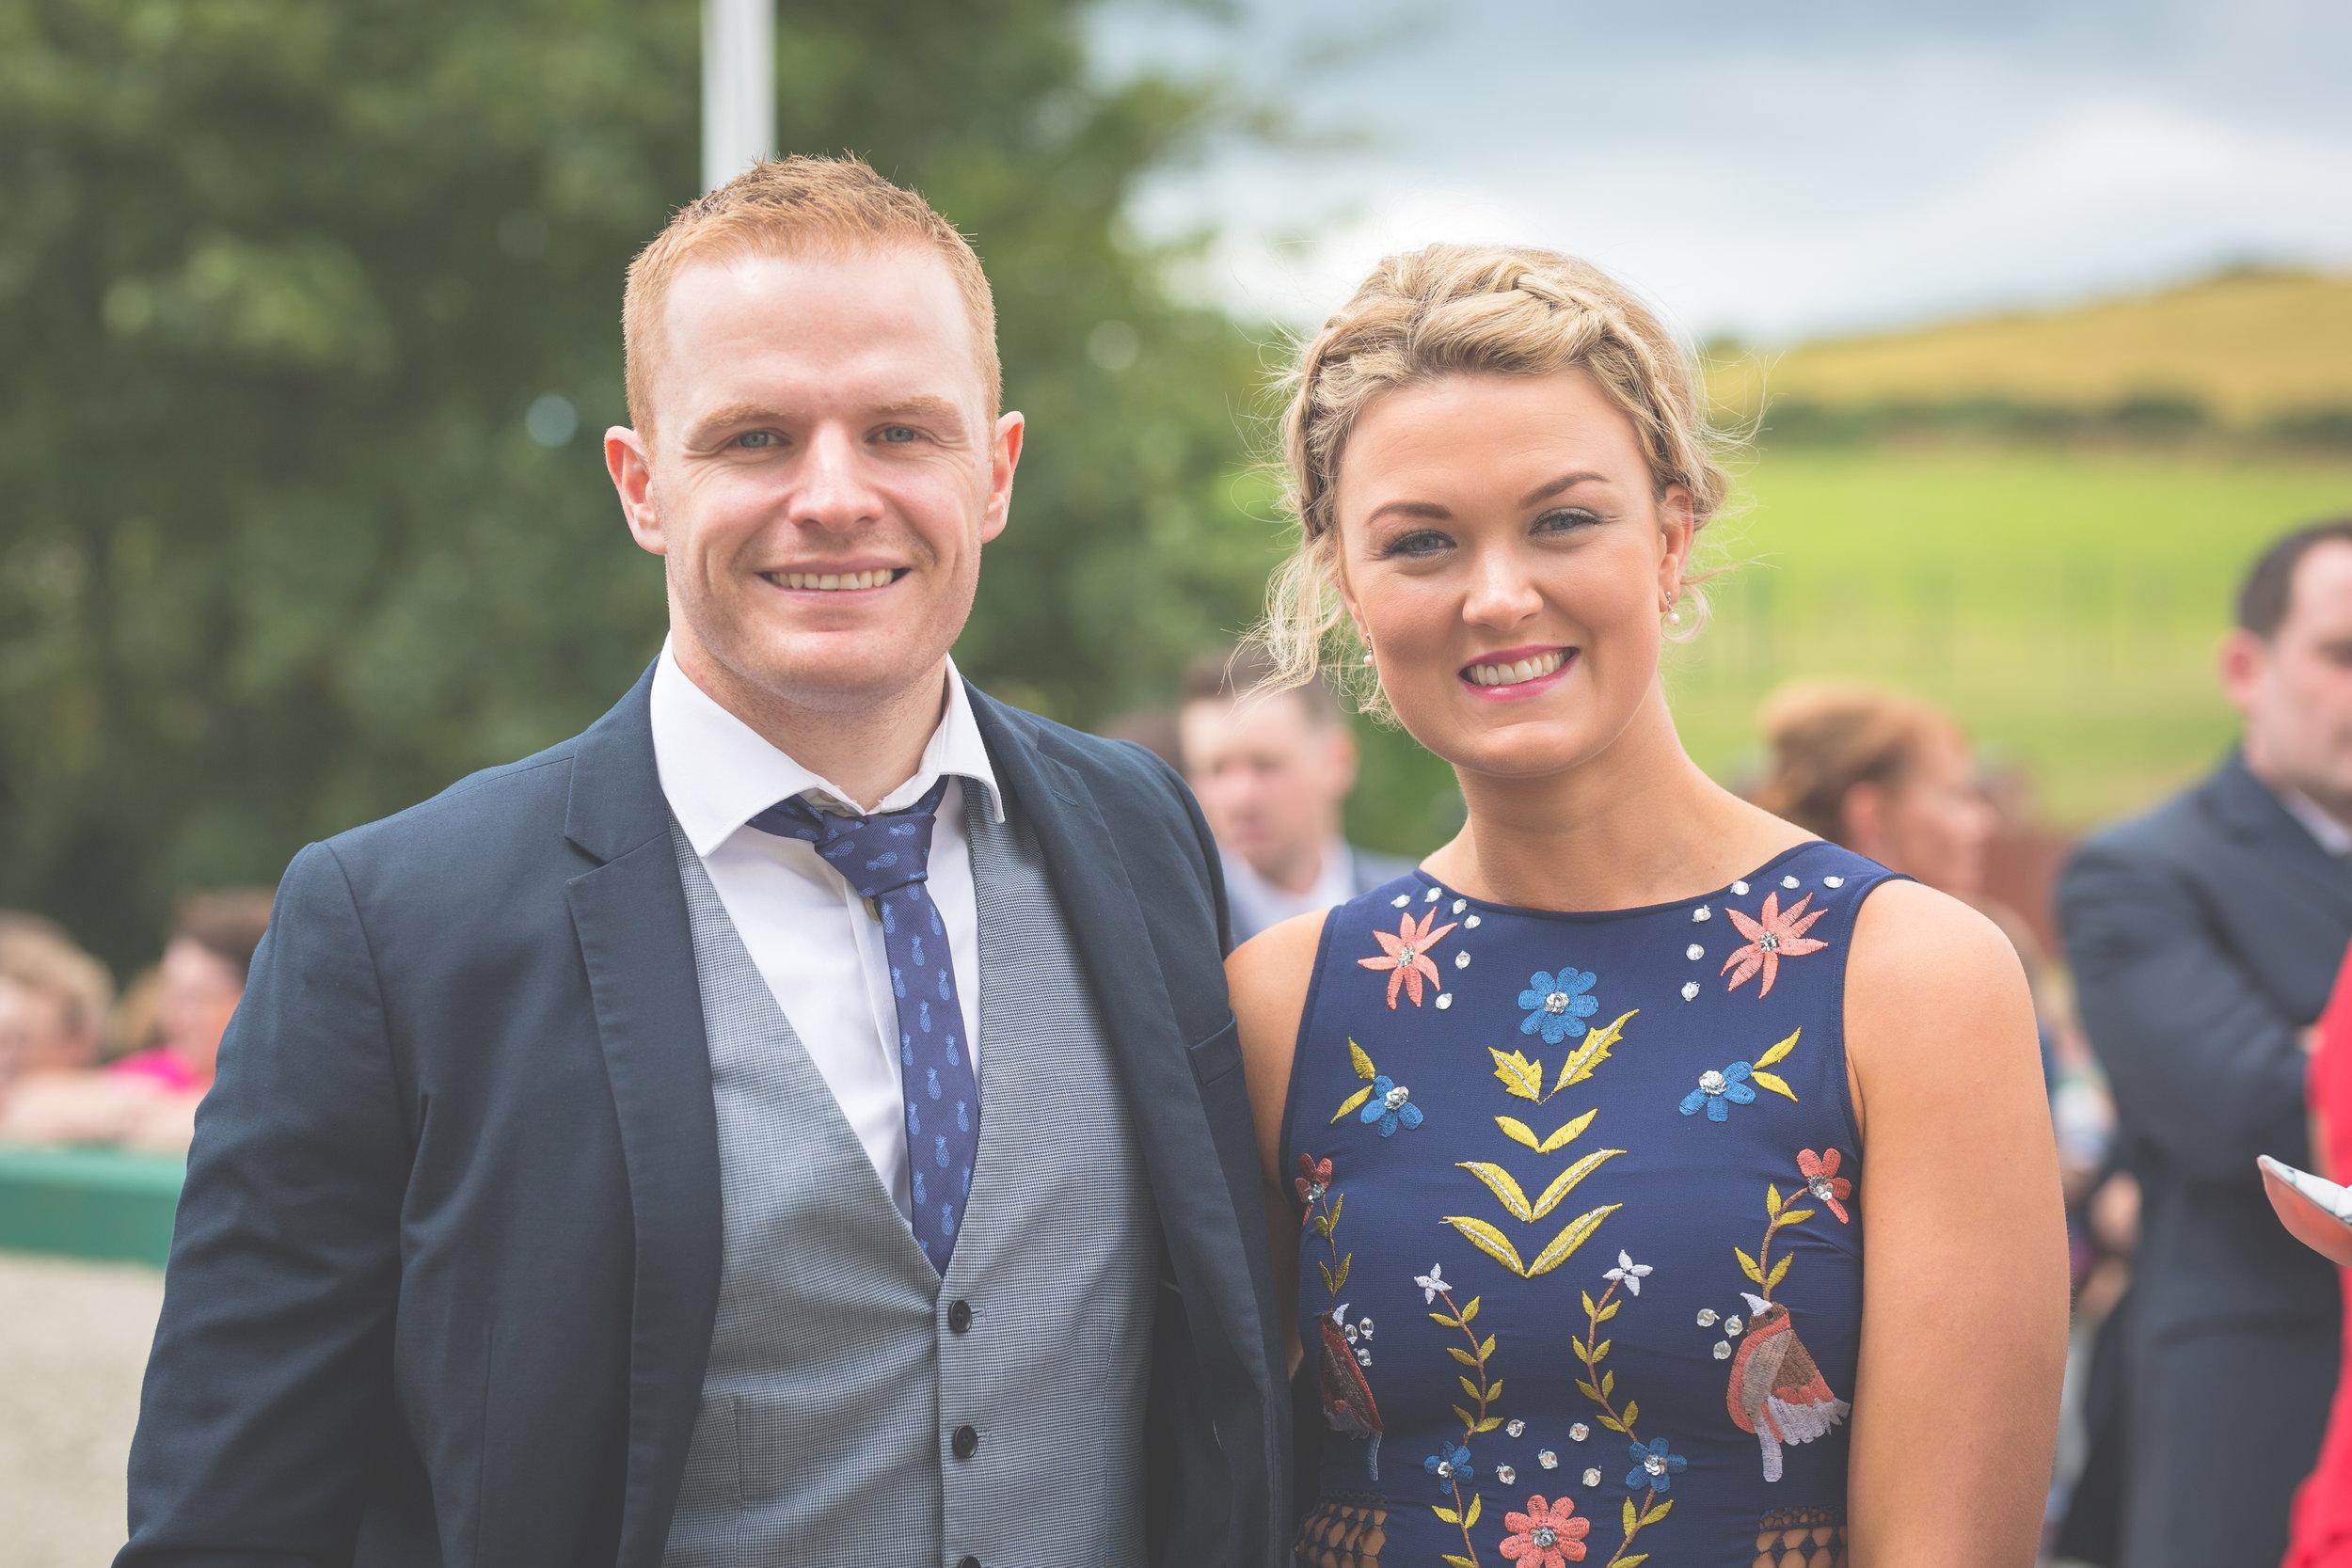 Brian McEwan Wedding Photography   Carol-Anne & Sean   The Ceremony-152.jpg